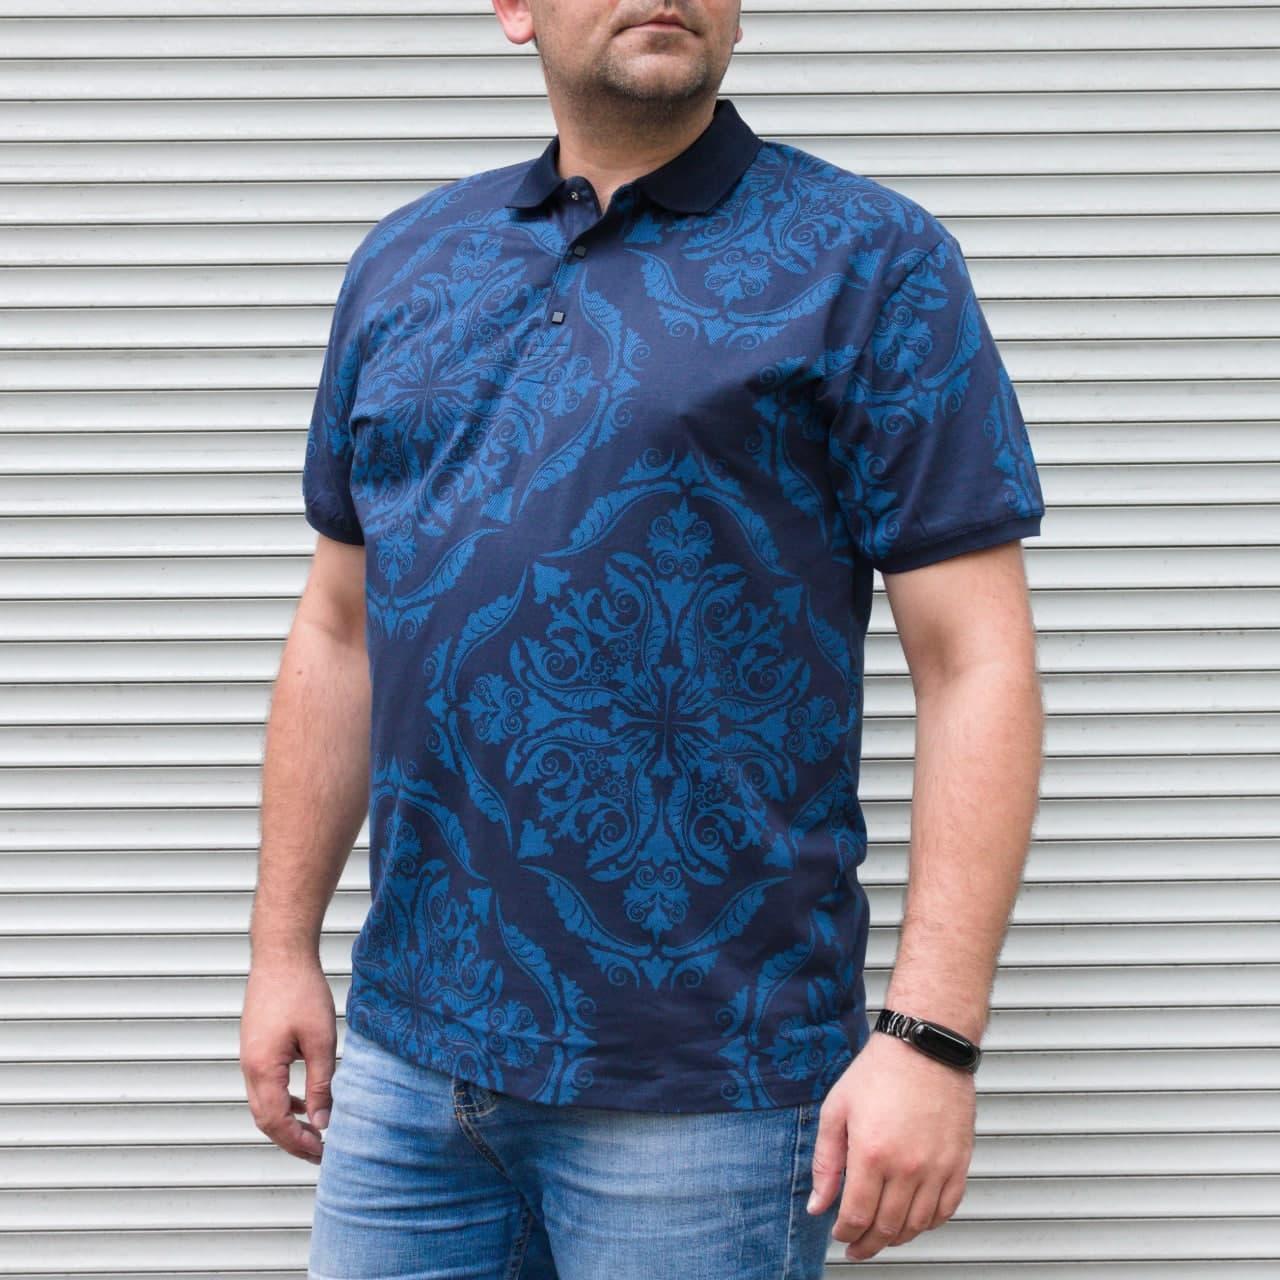 Синяя футболка поло мужская большого размера с орнаментом | БАТАЛ | Турция | хлопок + полиэстер